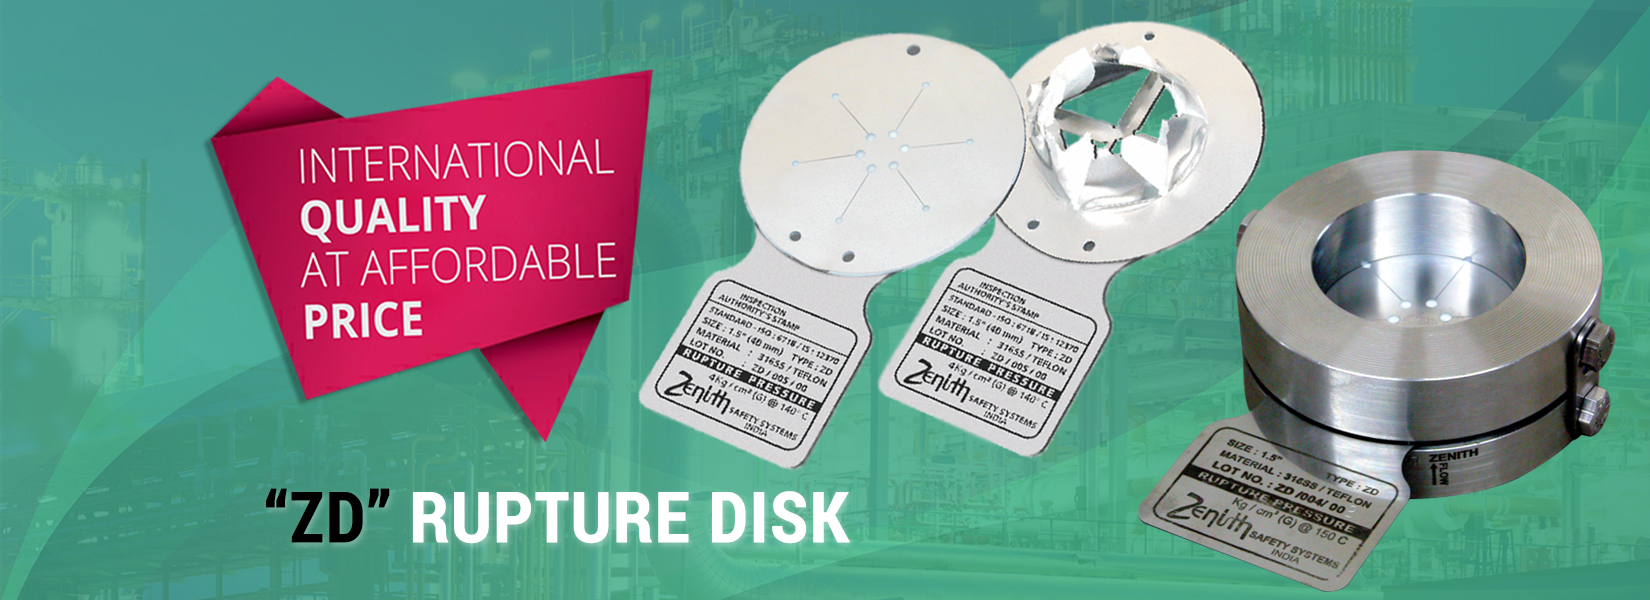 Zenith Rupture Disk Manufacturer